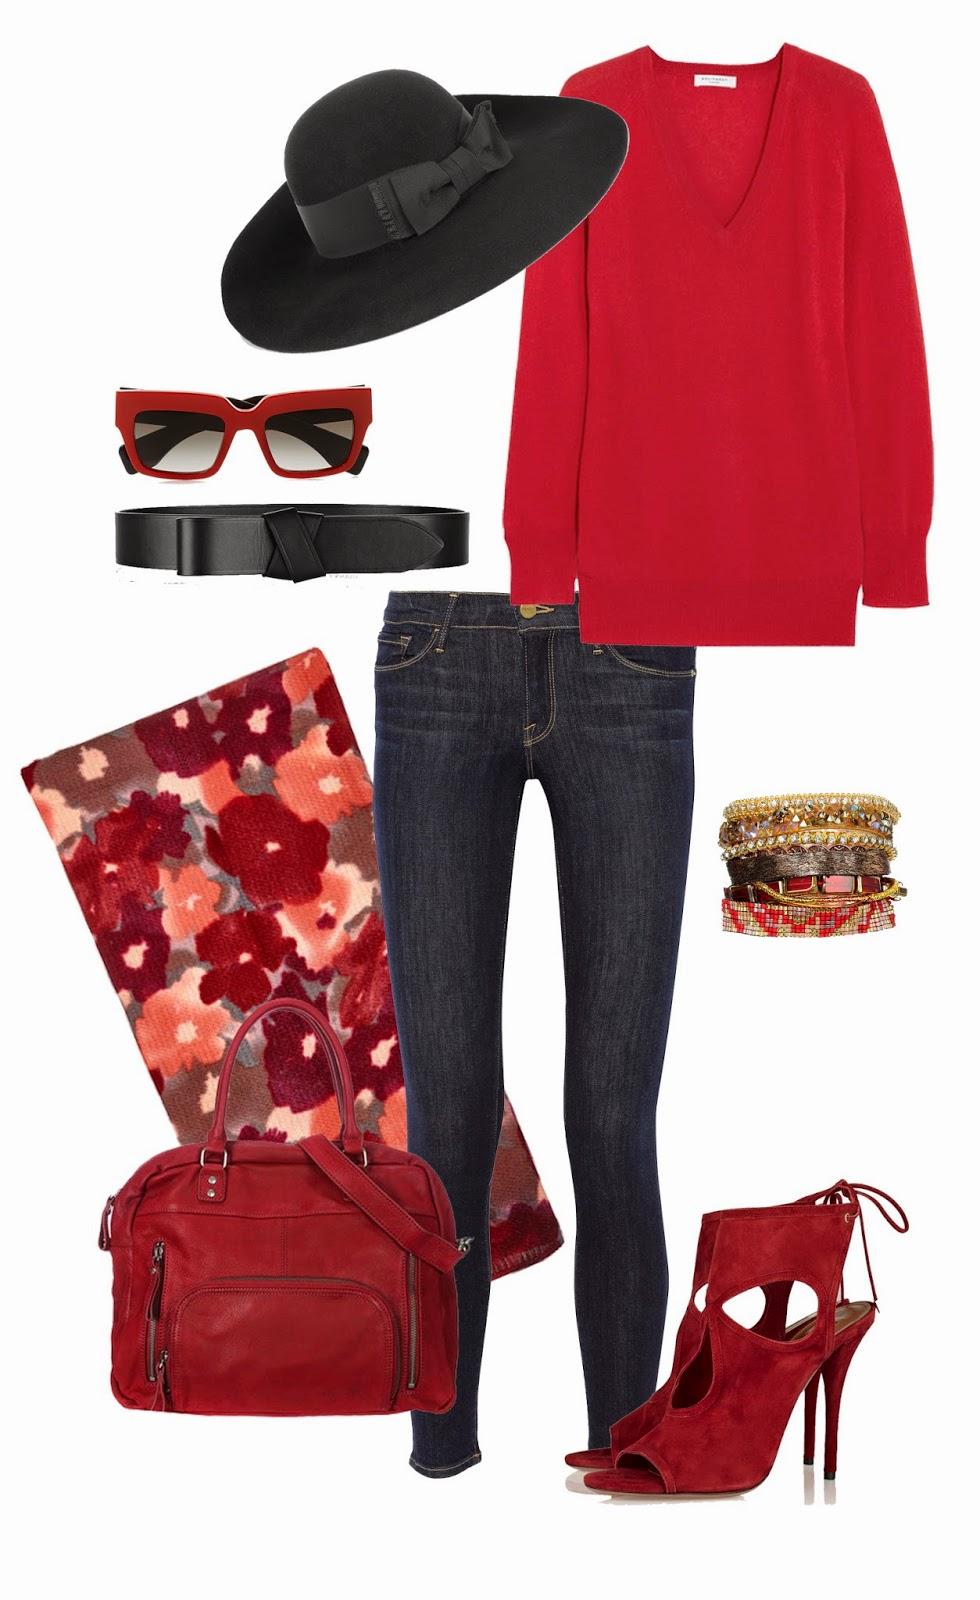 pico perfecto pitillo o de unos ir de shopping; para jersey Frame es como estos de Denim mucho si trabajar mejor un a siempre eres alta cuello jeans FAdqnxp